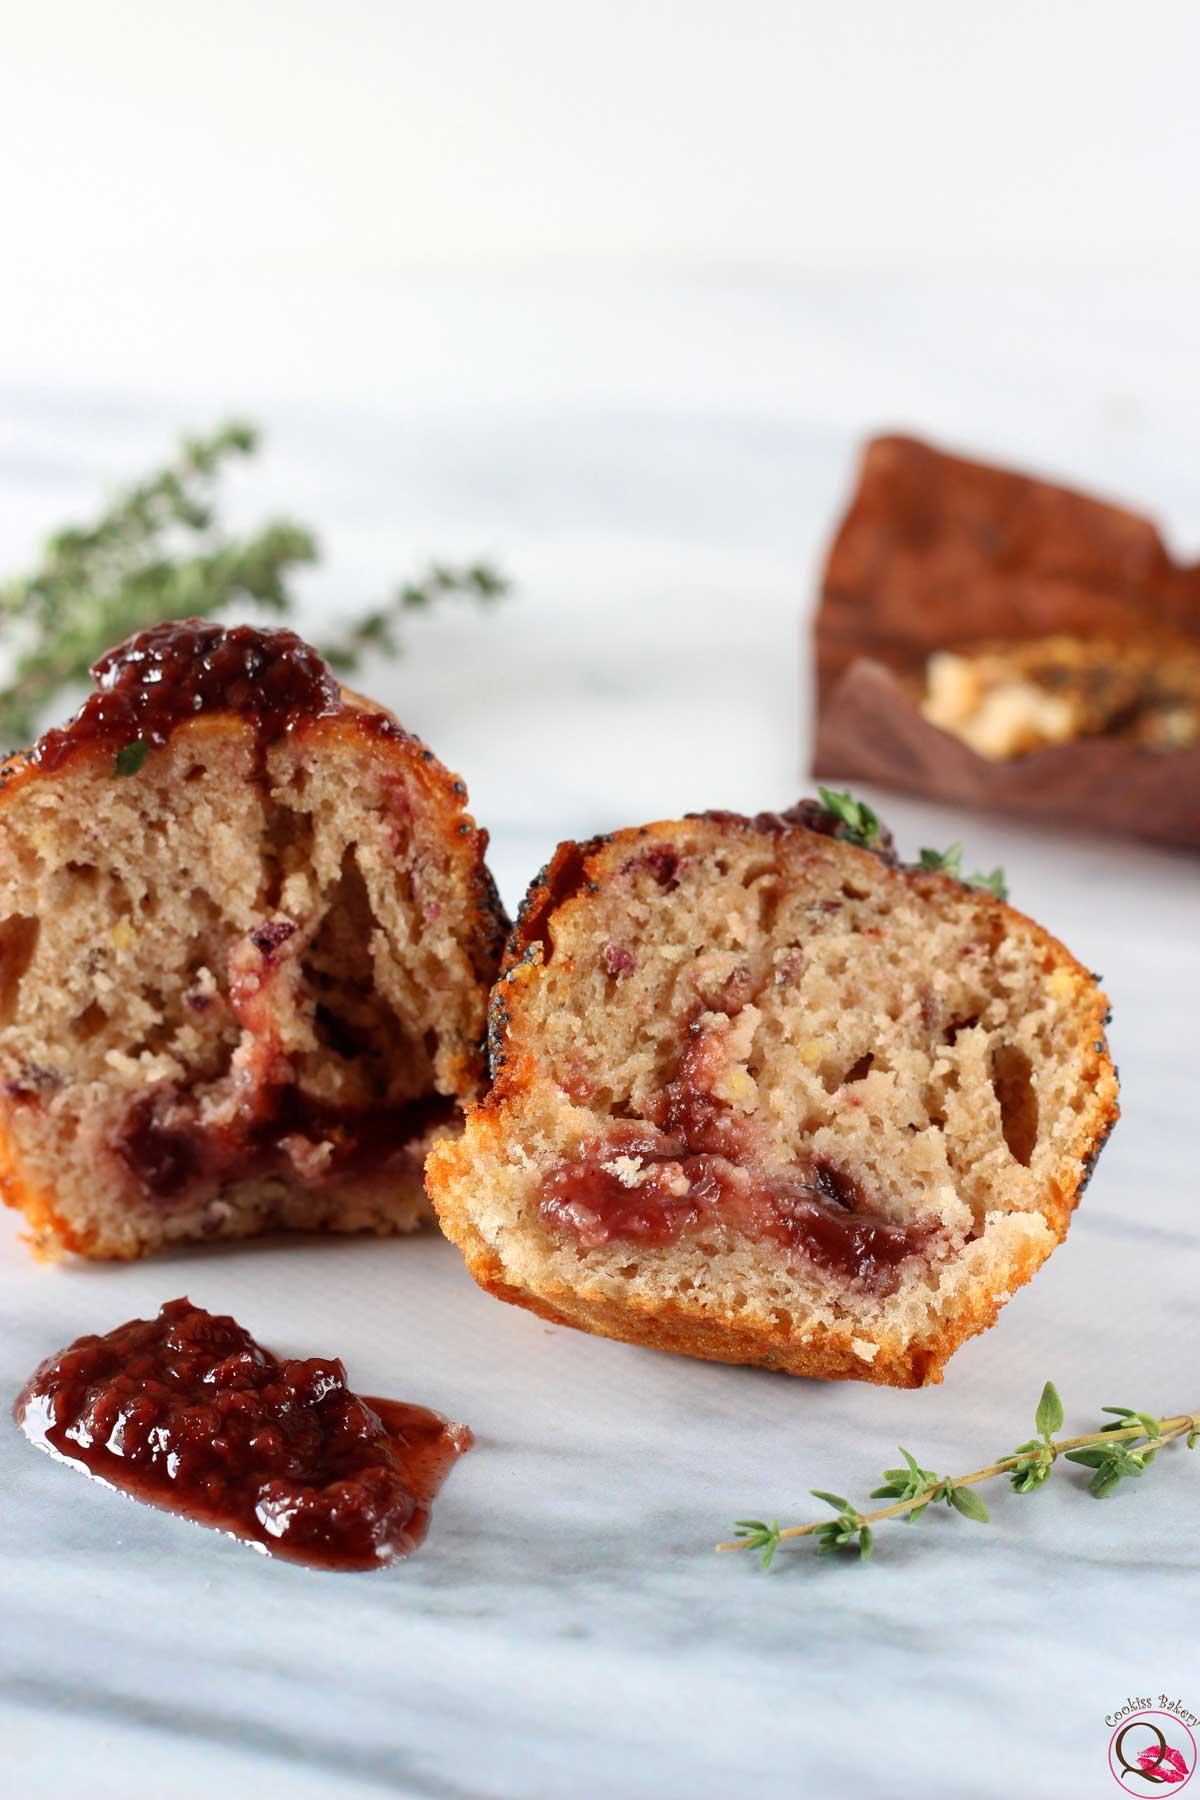 Muffins soffici all'olio d'oliva con marmellata di fragole e timo tagliato